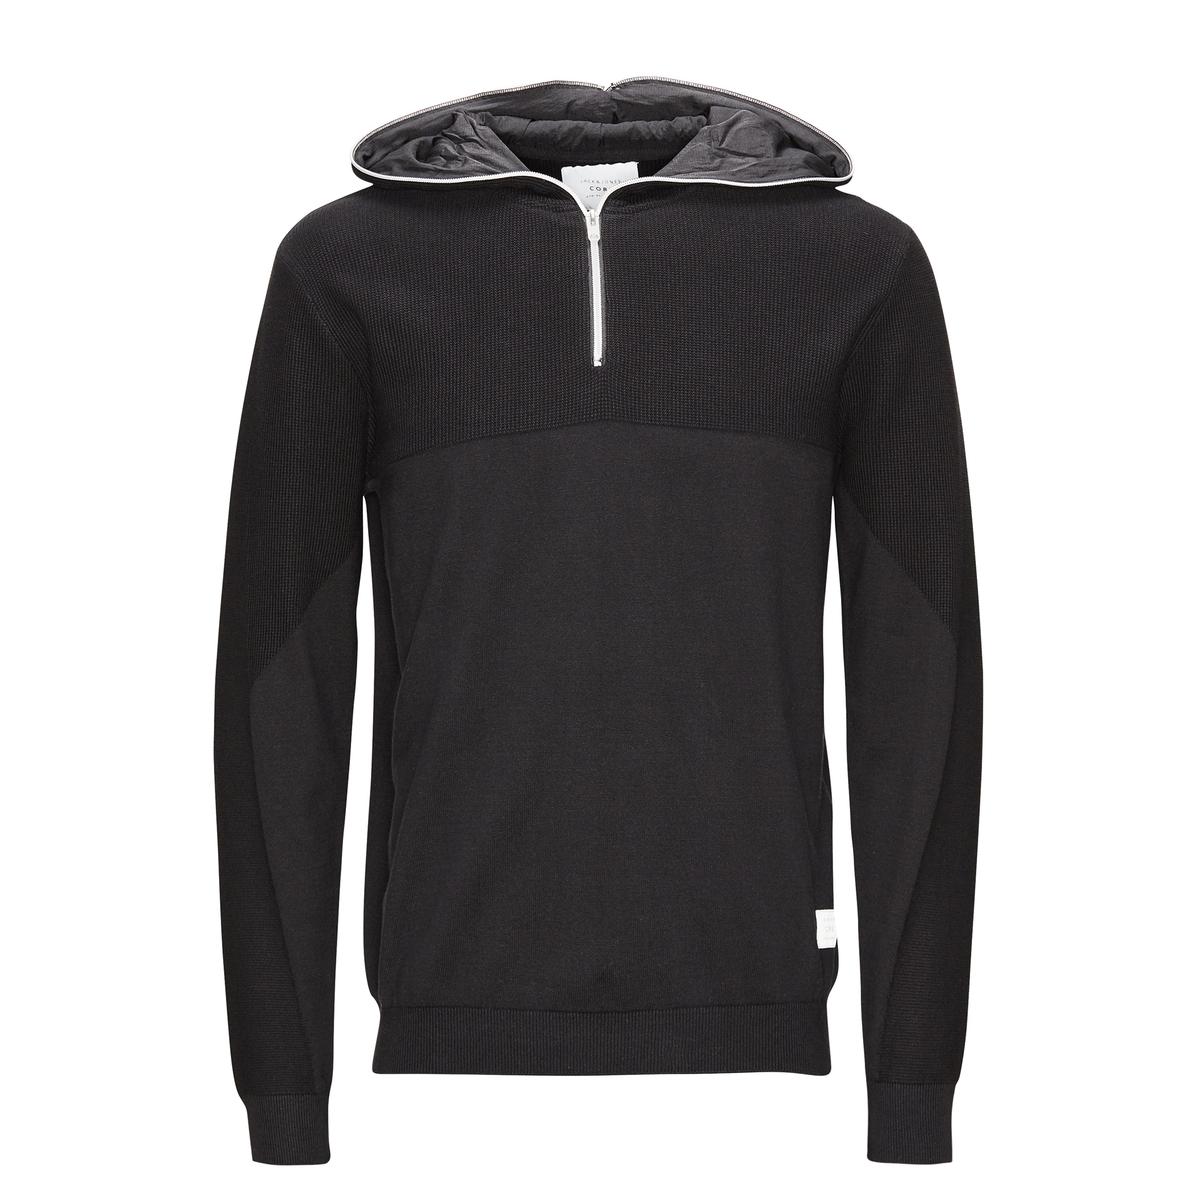 Пуловер с капюшономСостав и описаниеМатериал: 100% хлопок.Марка: JACK &amp; JONES.<br><br>Цвет: черный